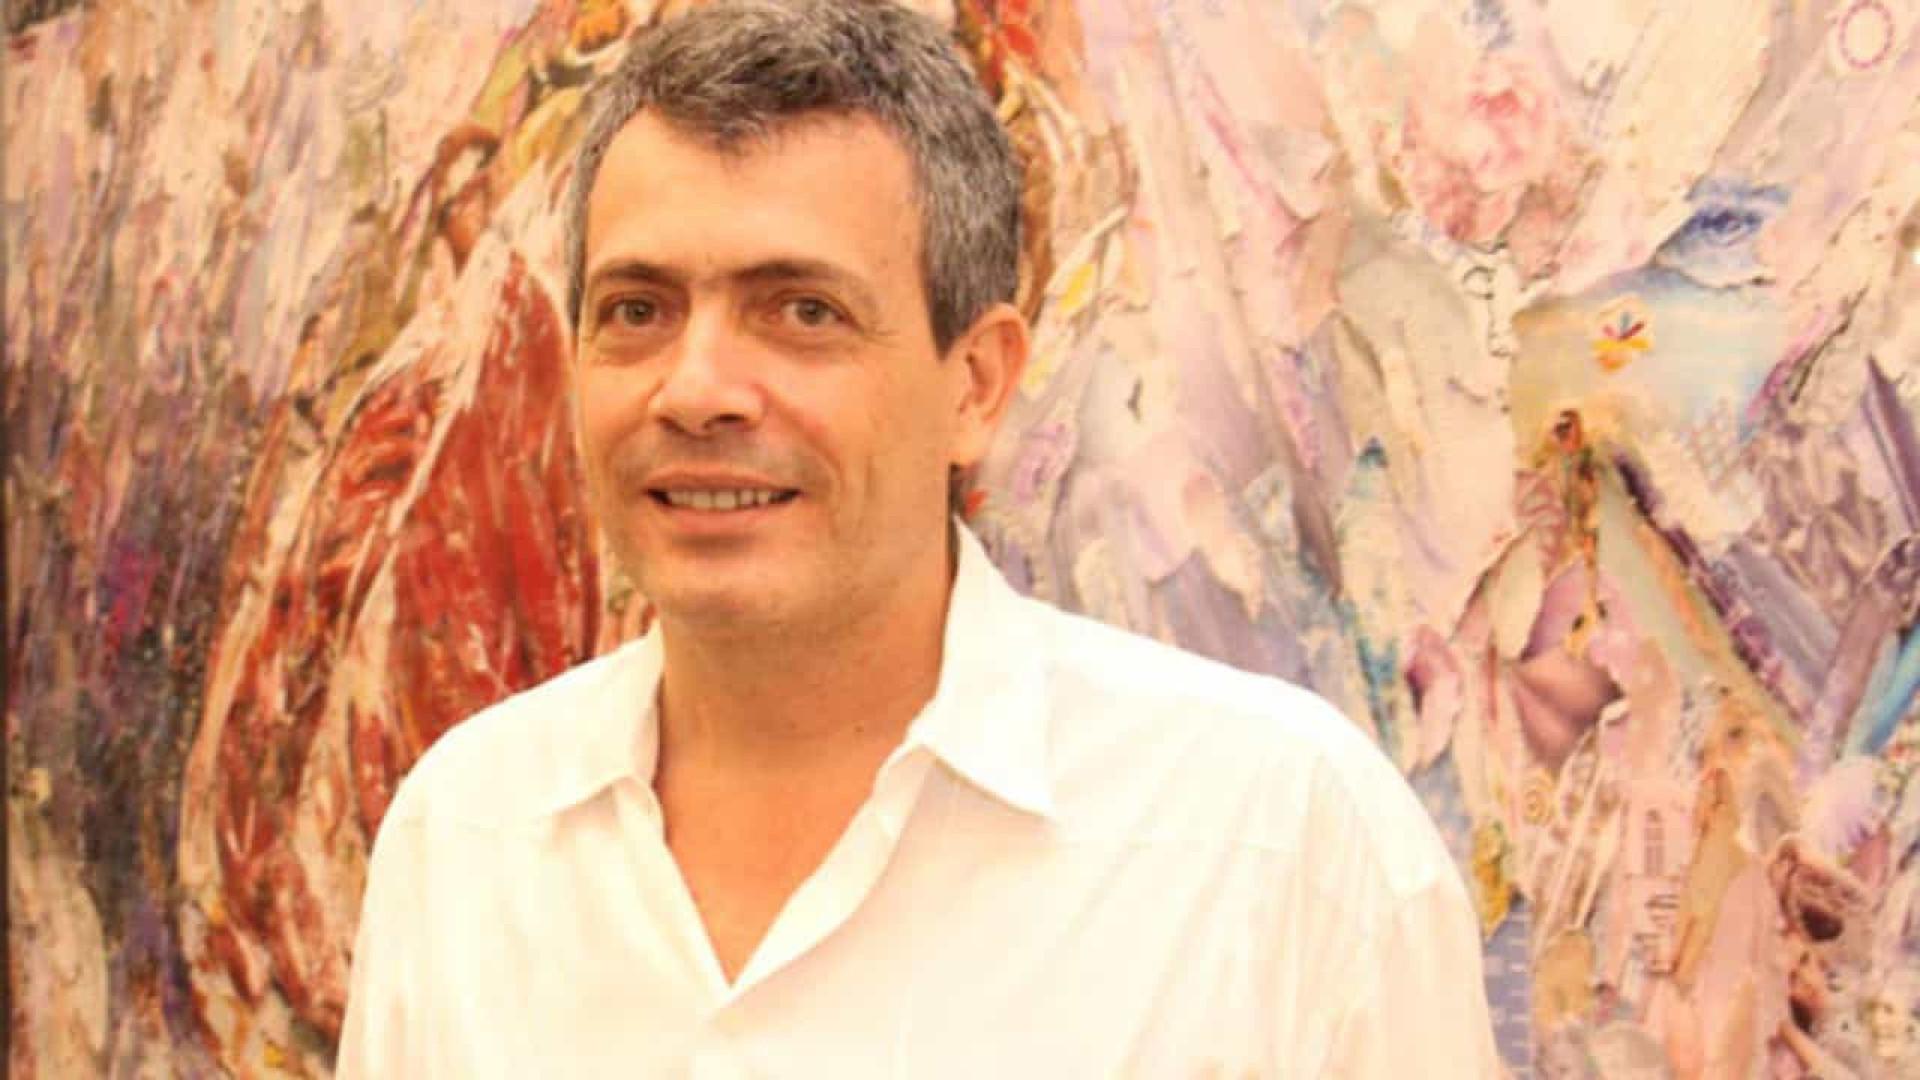 Morre, aos 59 anos, o artista plástico Carlito Carvalhosa